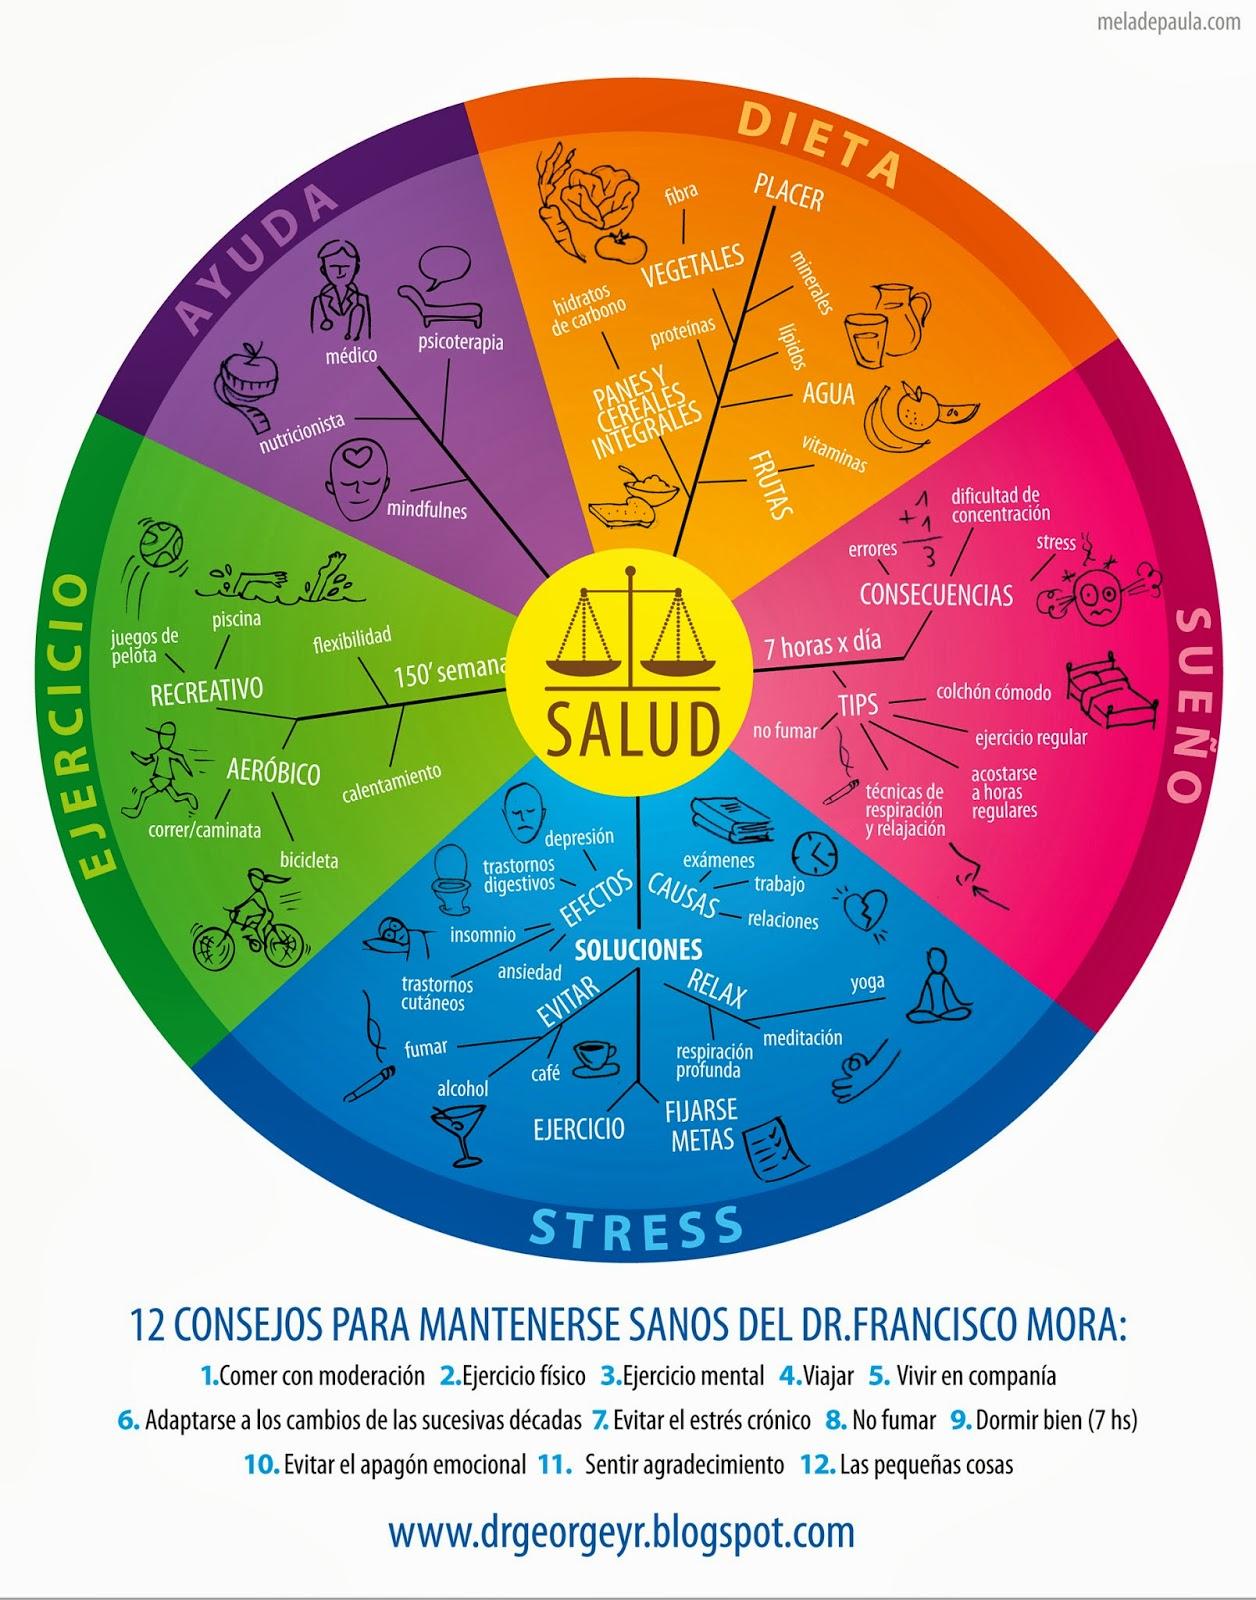 Dr. George Blog: La salud es un estado de equilibrio: Dr.Jorge de Paula